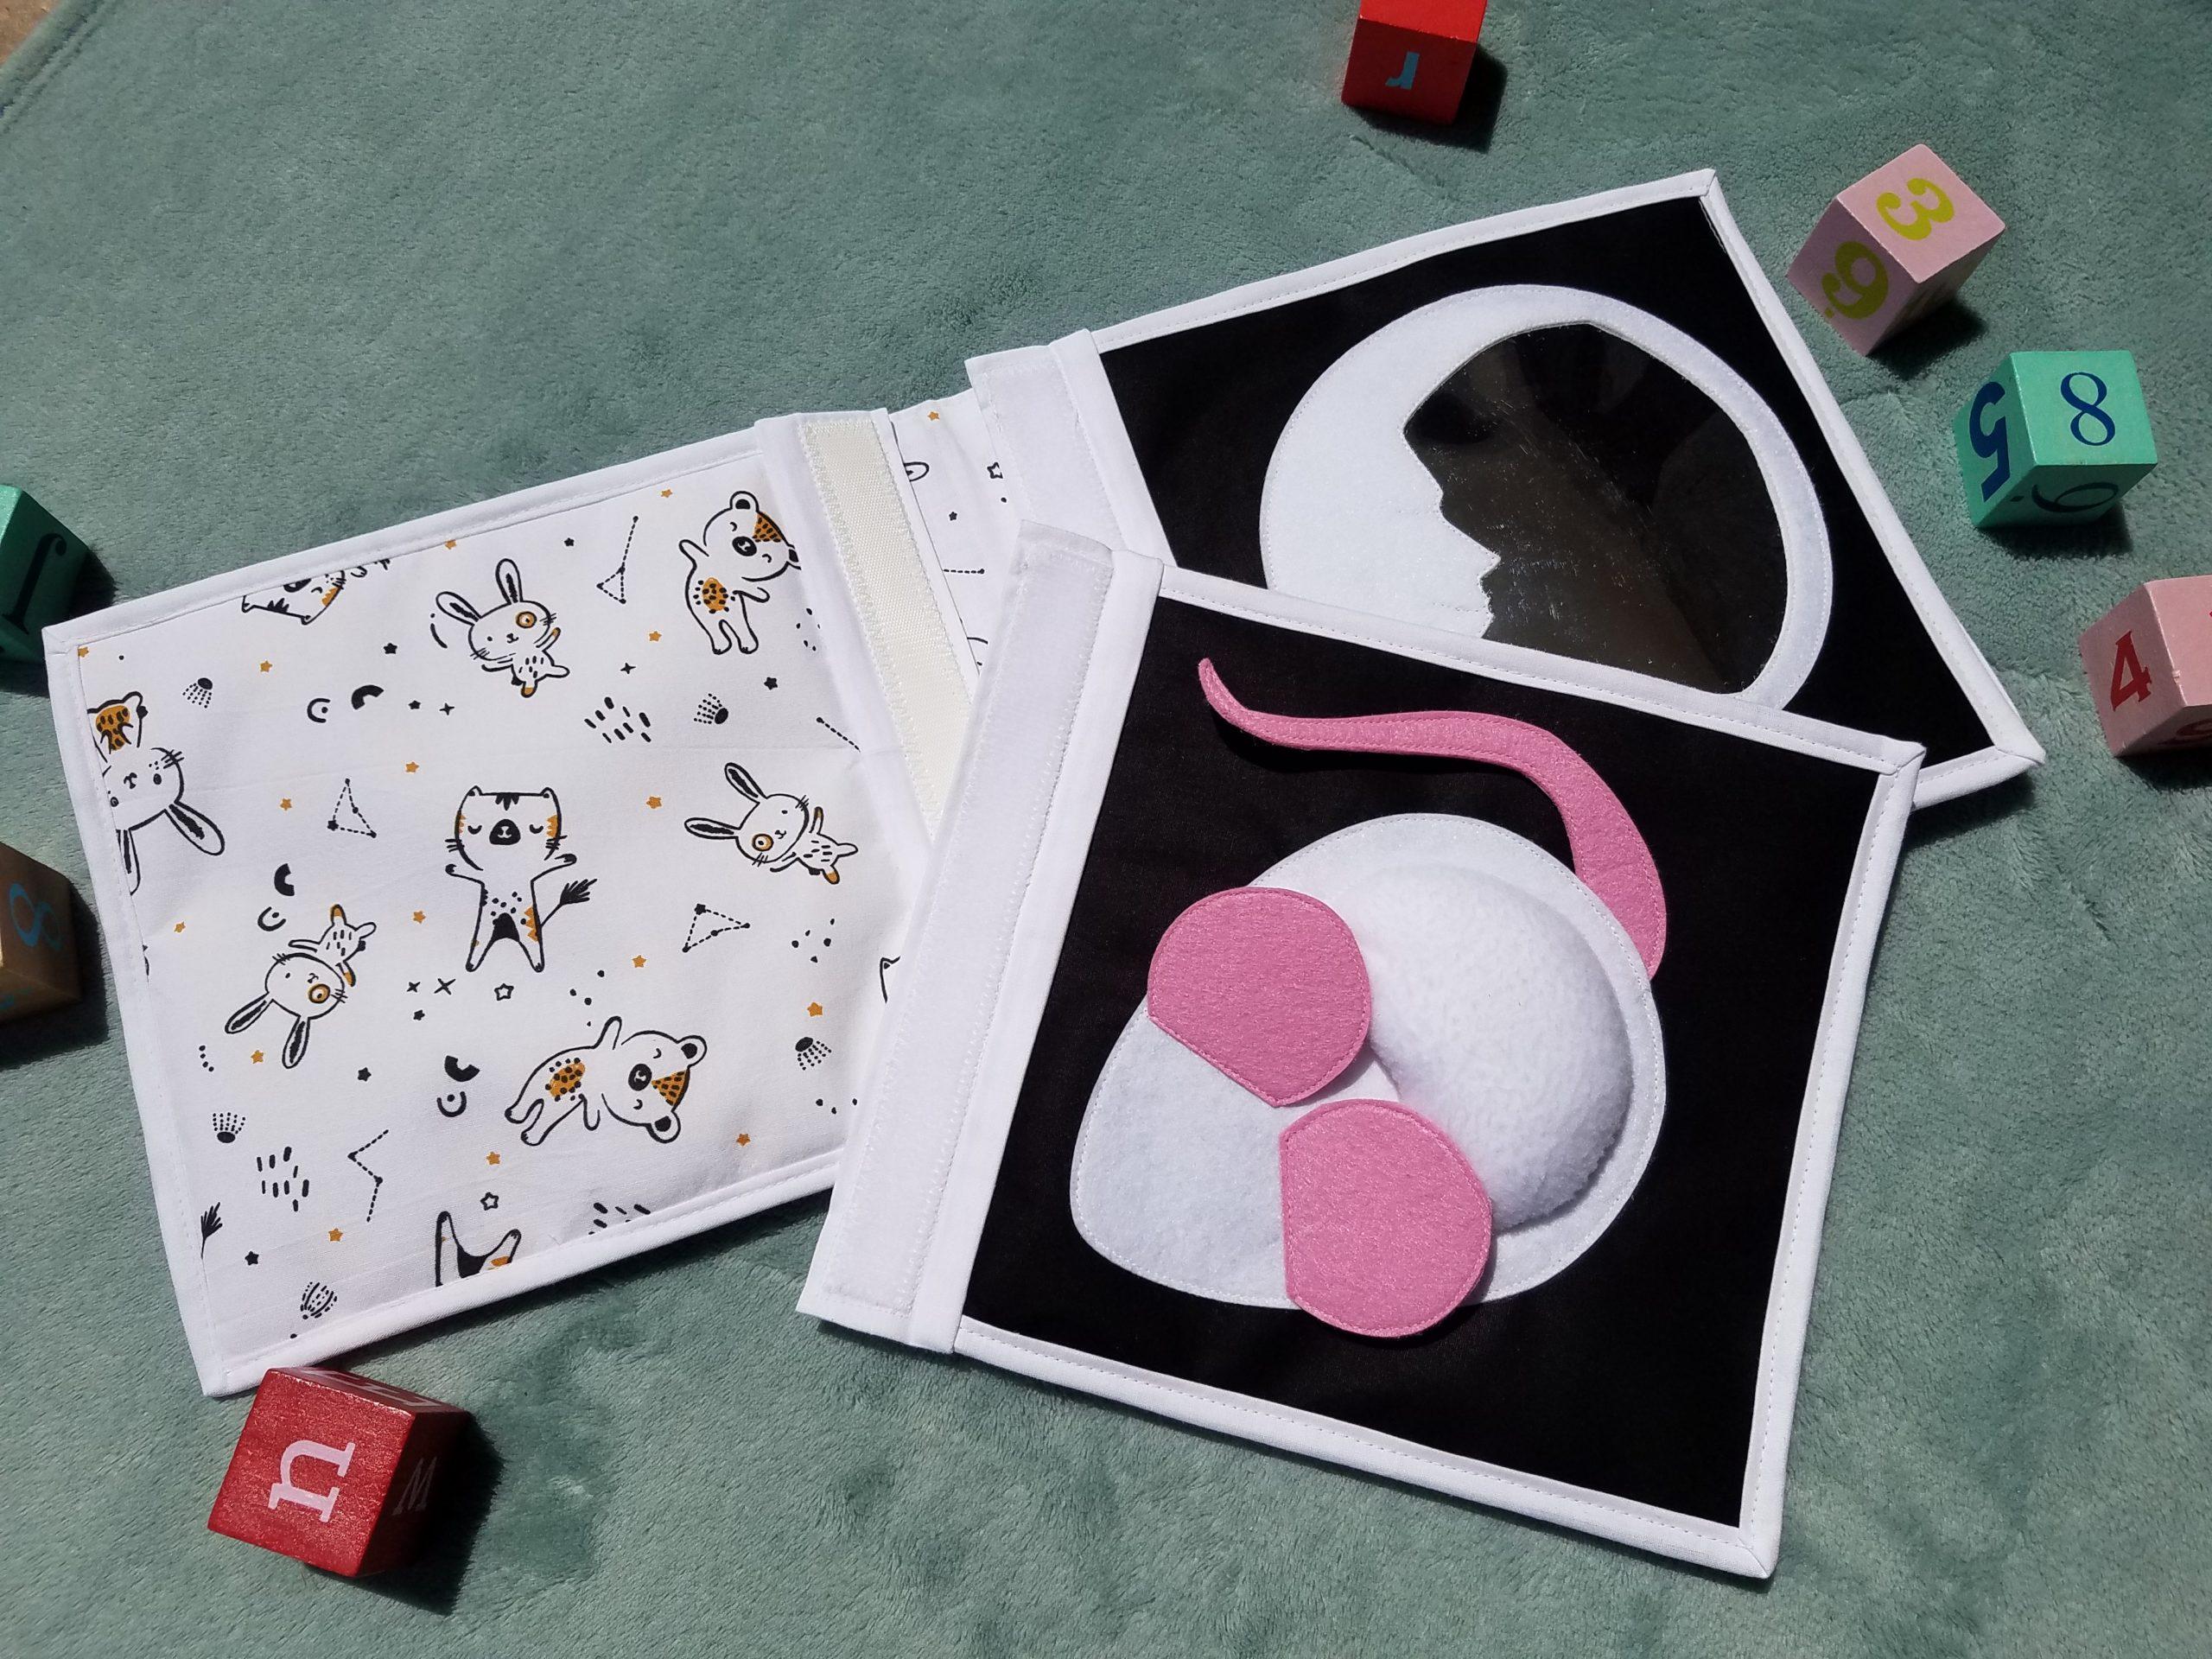 L'Atelier de Beryl - Doudou Livre - livre bébé - Page BB Souris et Lune - widget fidget